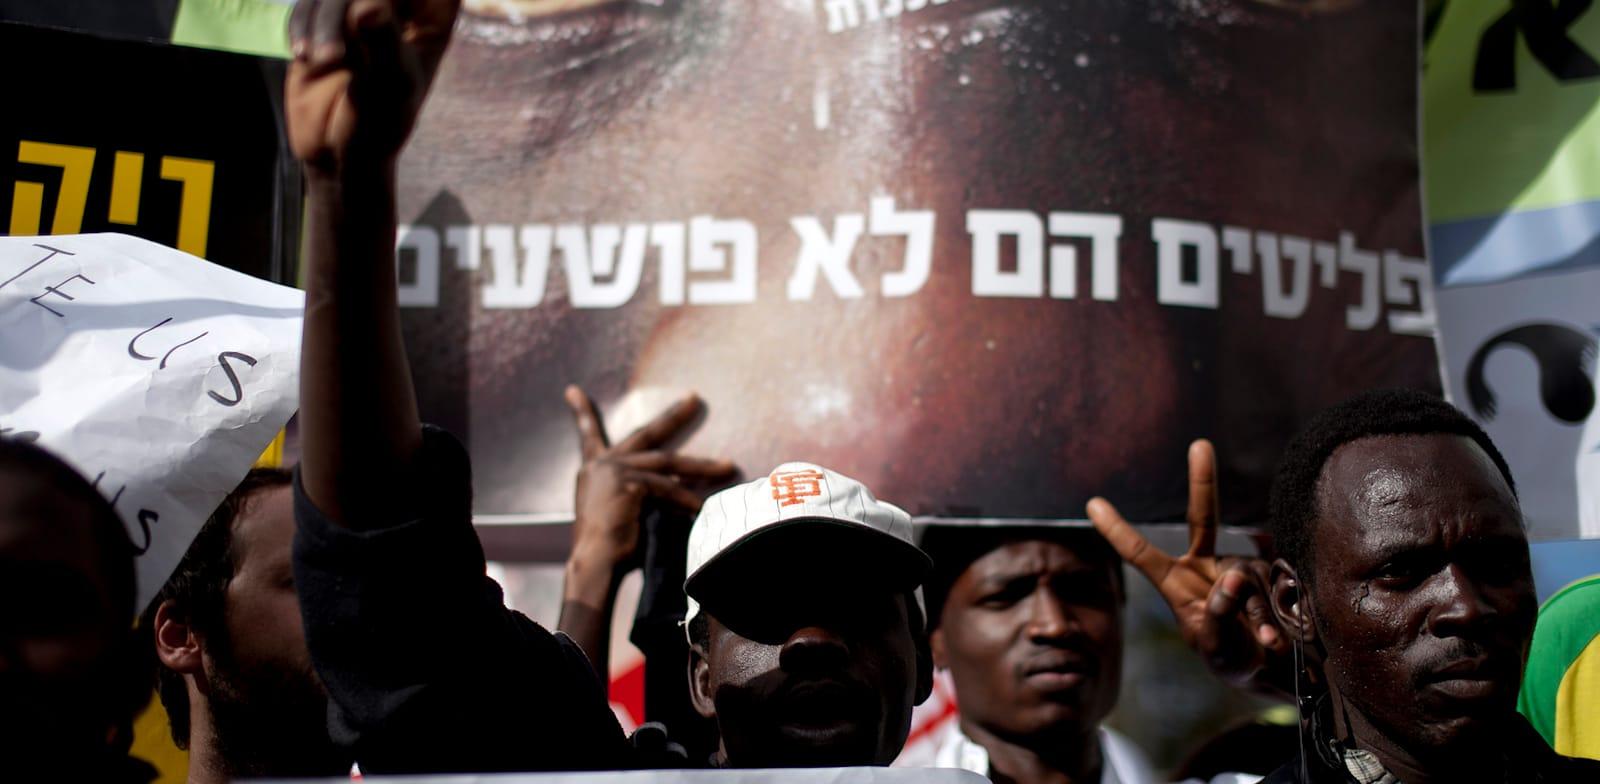 """הפגנה על רקע גזענות בת""""א / צילום: דימה וזינוביץ"""